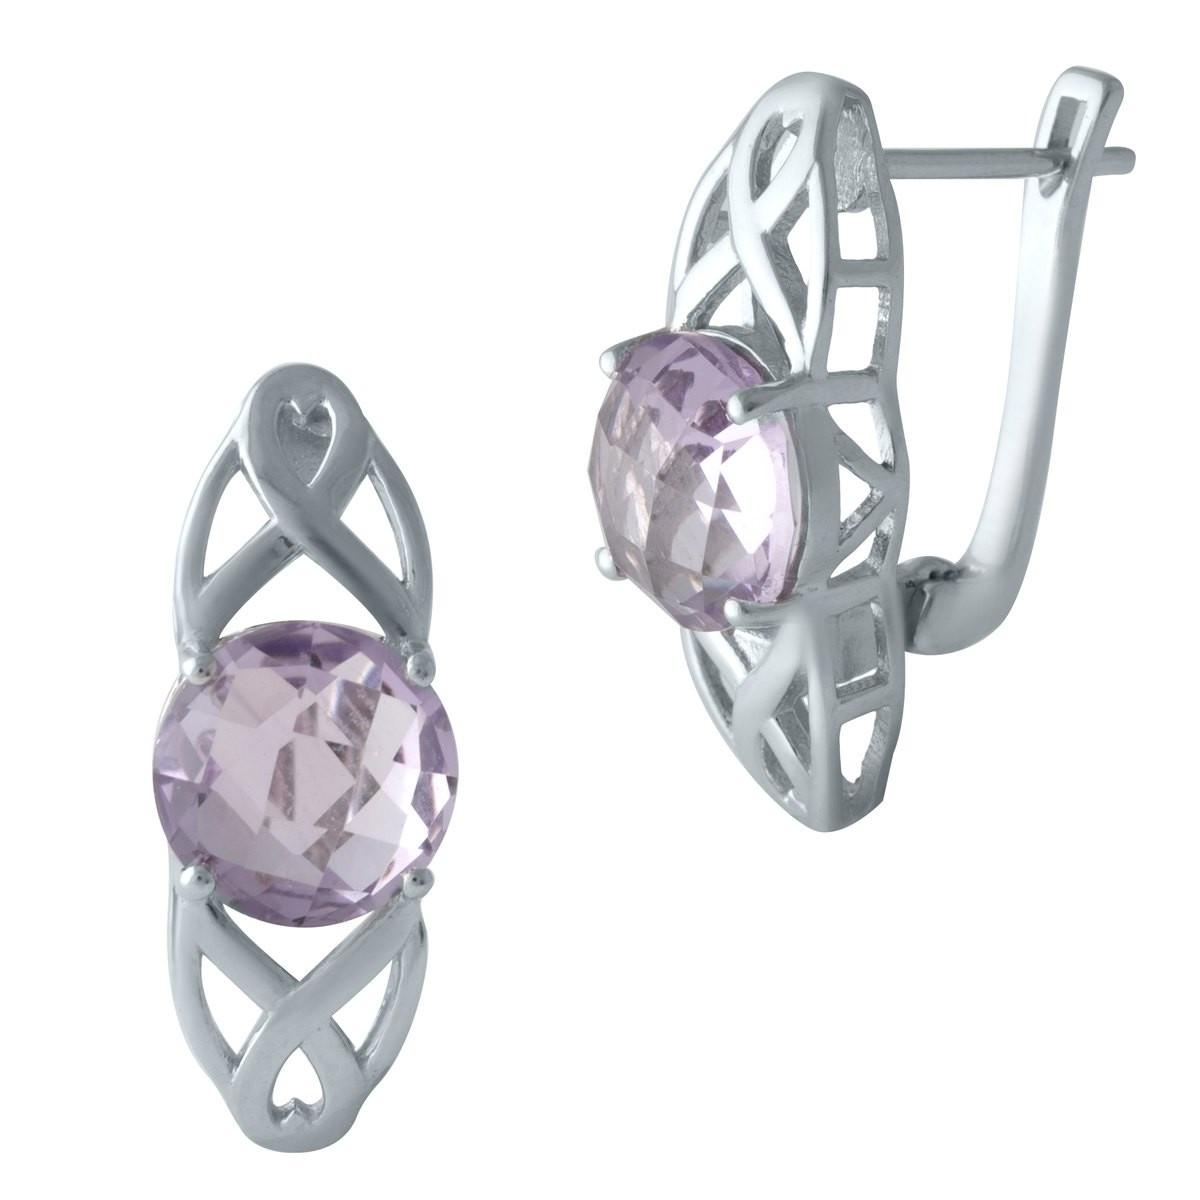 Срібні сережки DreamJewelry з натуральним аметистом (1996805)